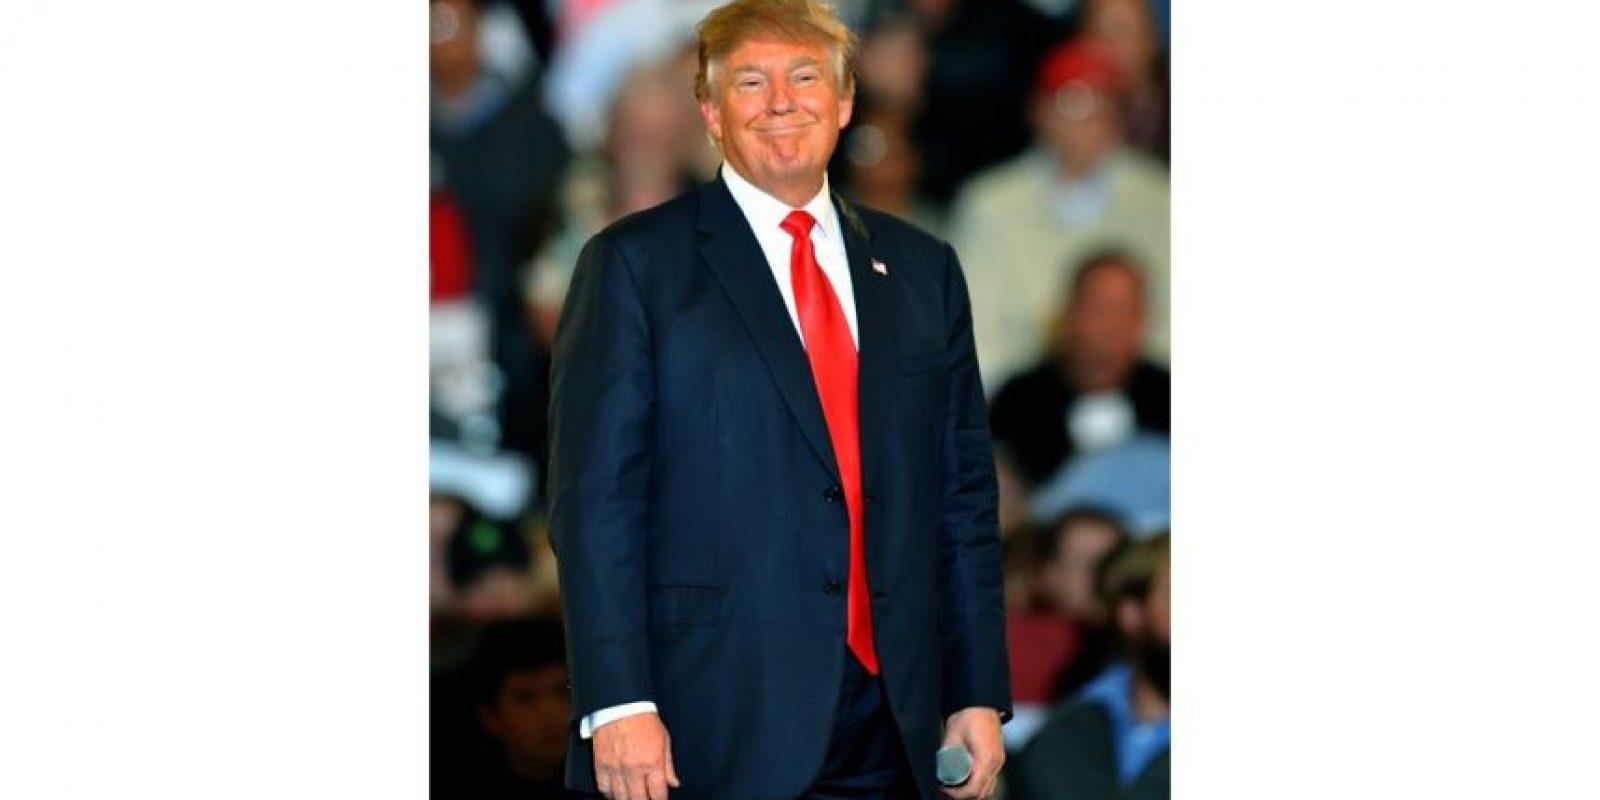 Donald Trump: El magnate de bienes raíces de 69 años irrumpió en 2015 con sus controvertidas declaraciones sobre mexicanos y musulmanes. Los expertos dicen que no está claro si el favorito del Partido Republicano será capaz de ganar la nominación en 2016. Pero sin duda tratará de superar a los demás, y quizá postularse de forma independiente.